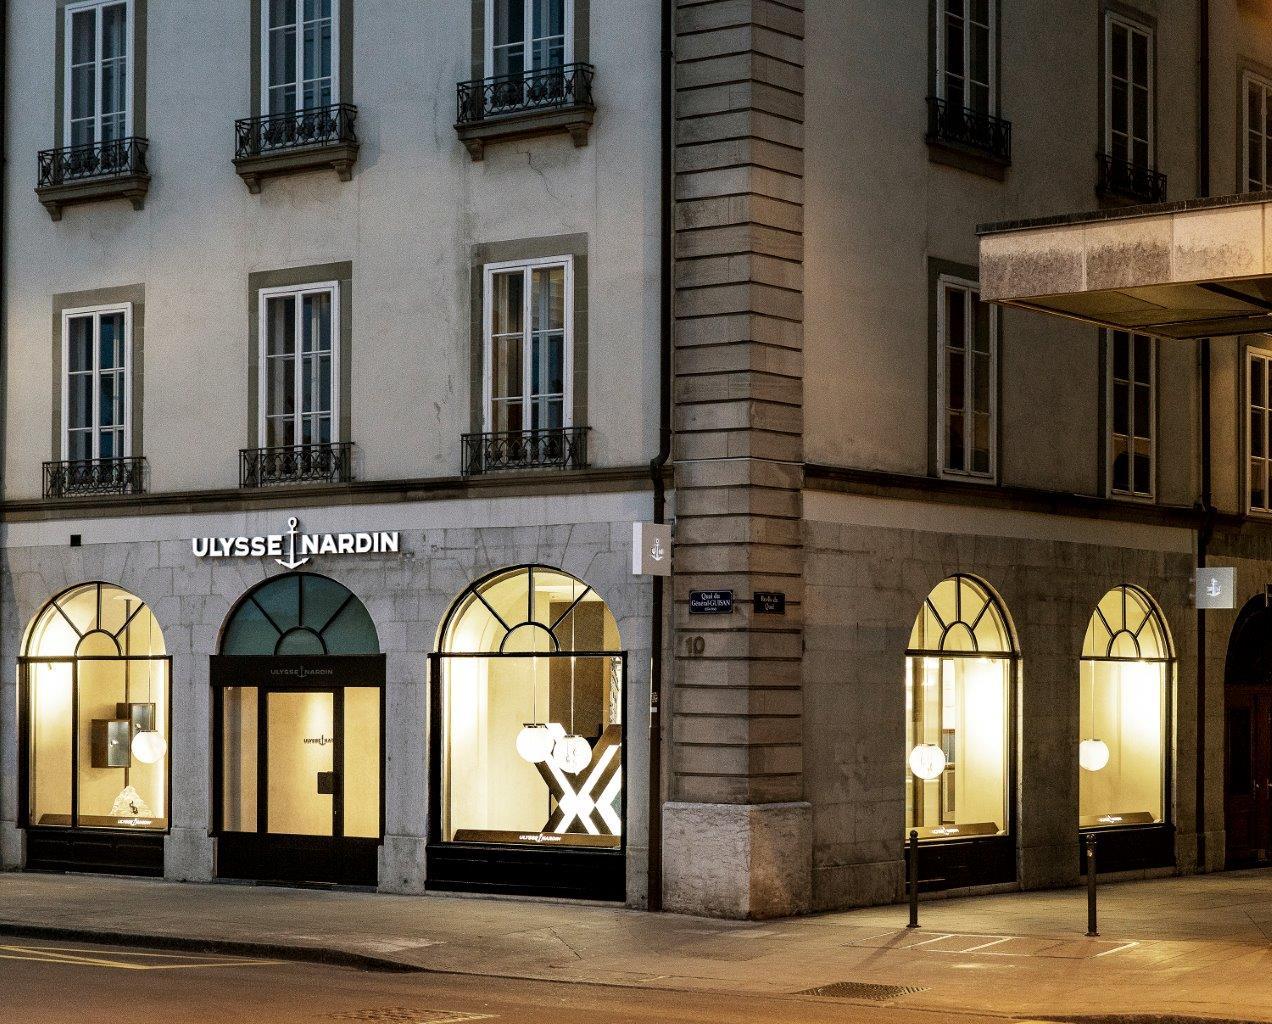 Ulysse-Nardin new store Geneva